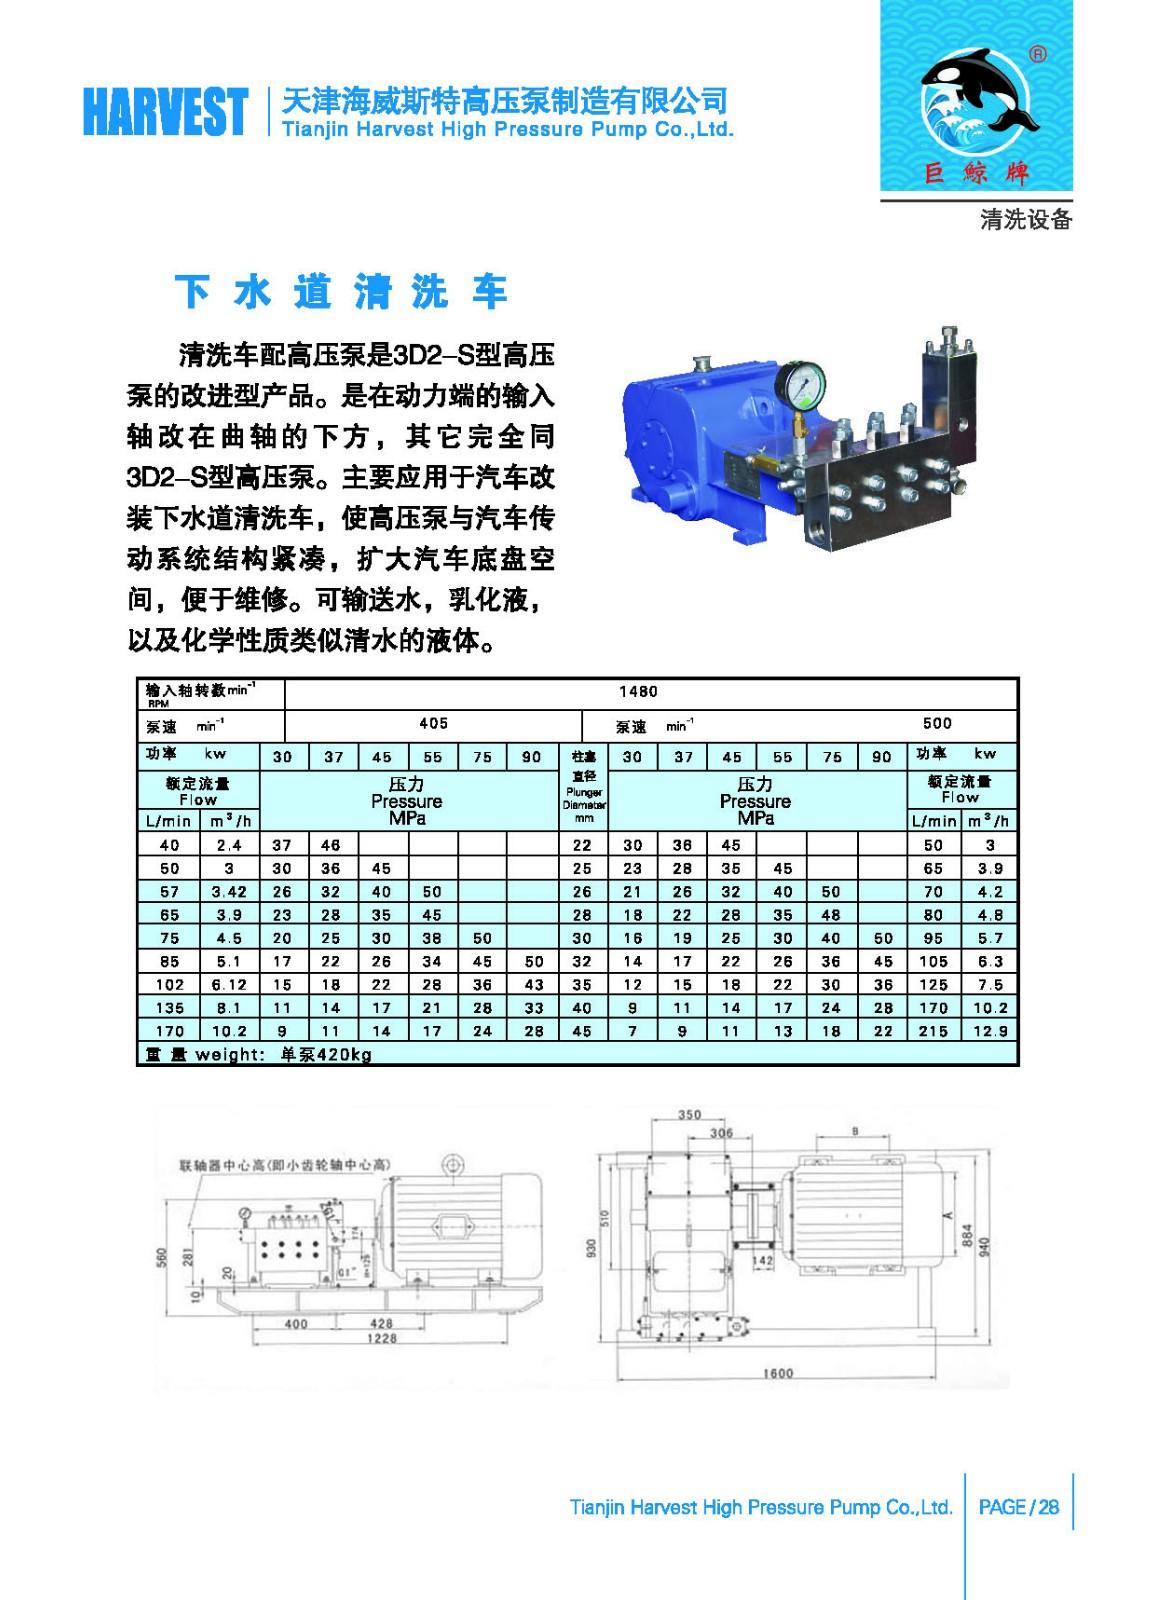 3D2-S 下水道清洗车专用泵.jpg